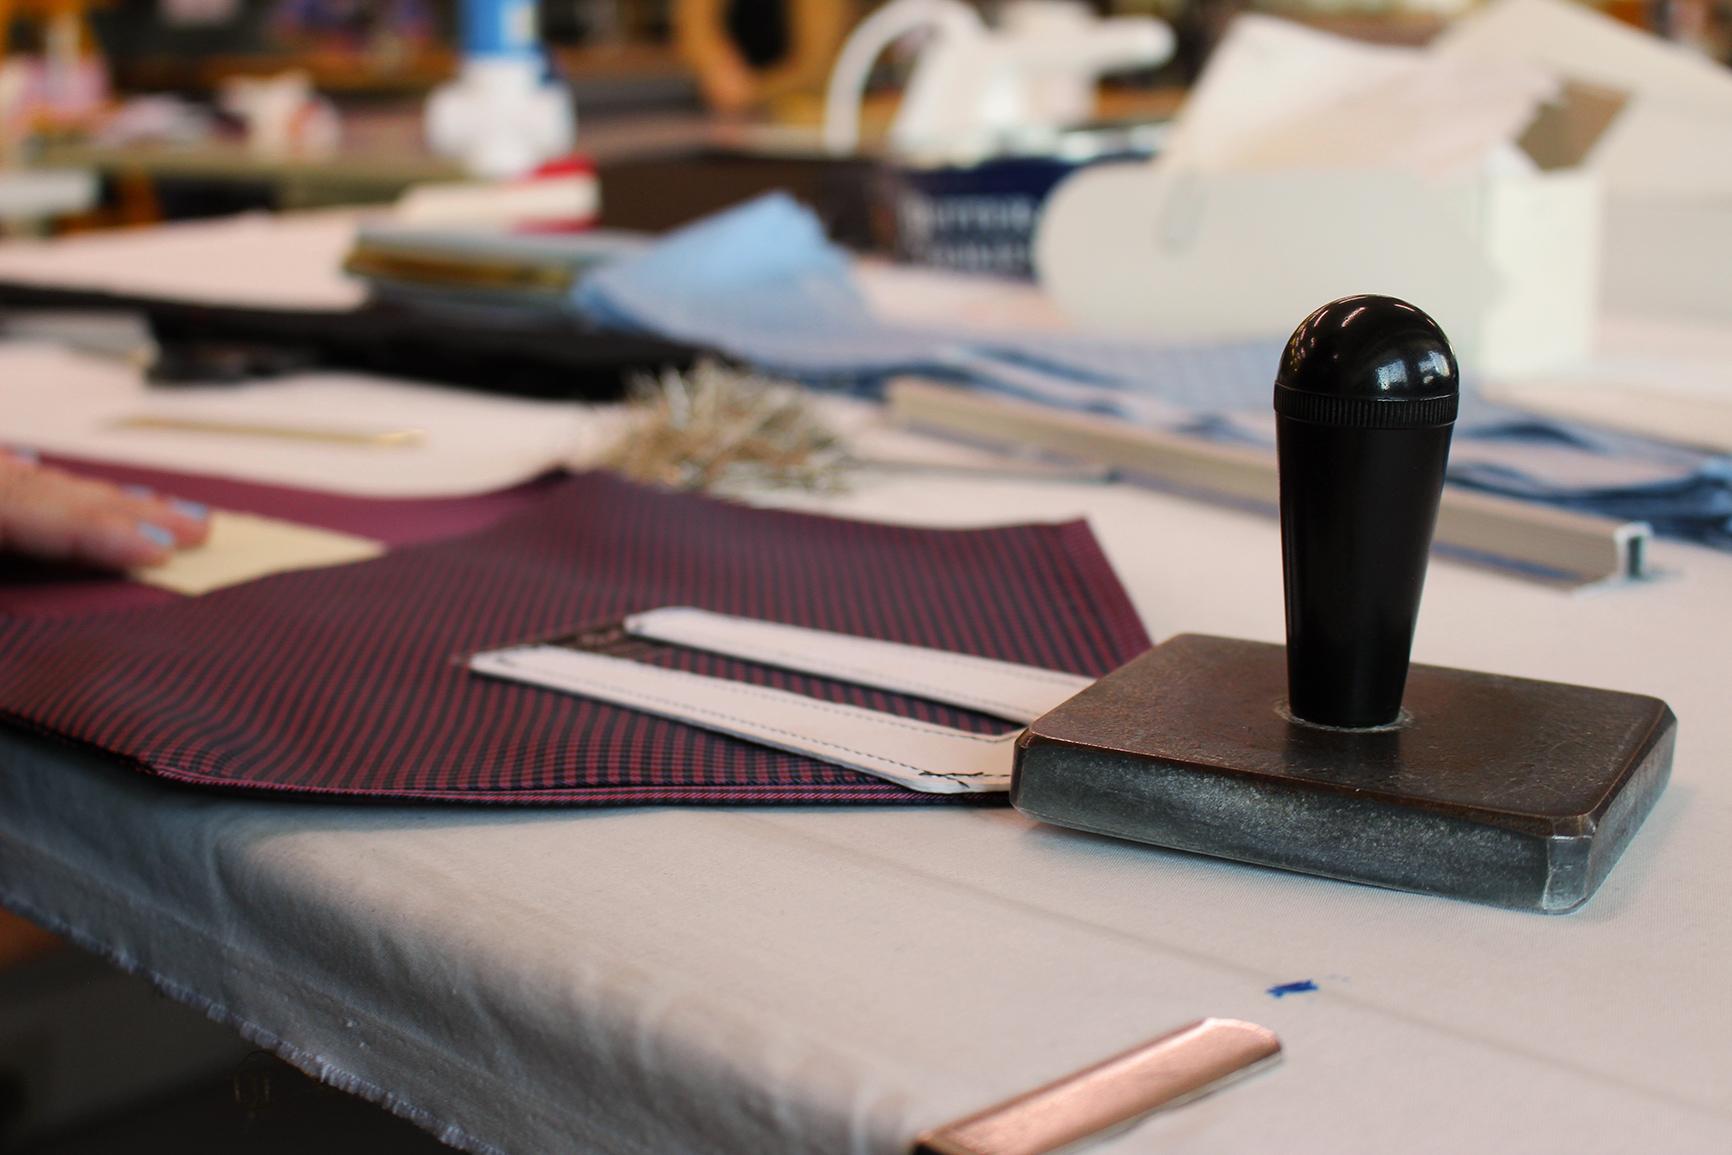 esclusivo italiano la cravatta sette pieghe